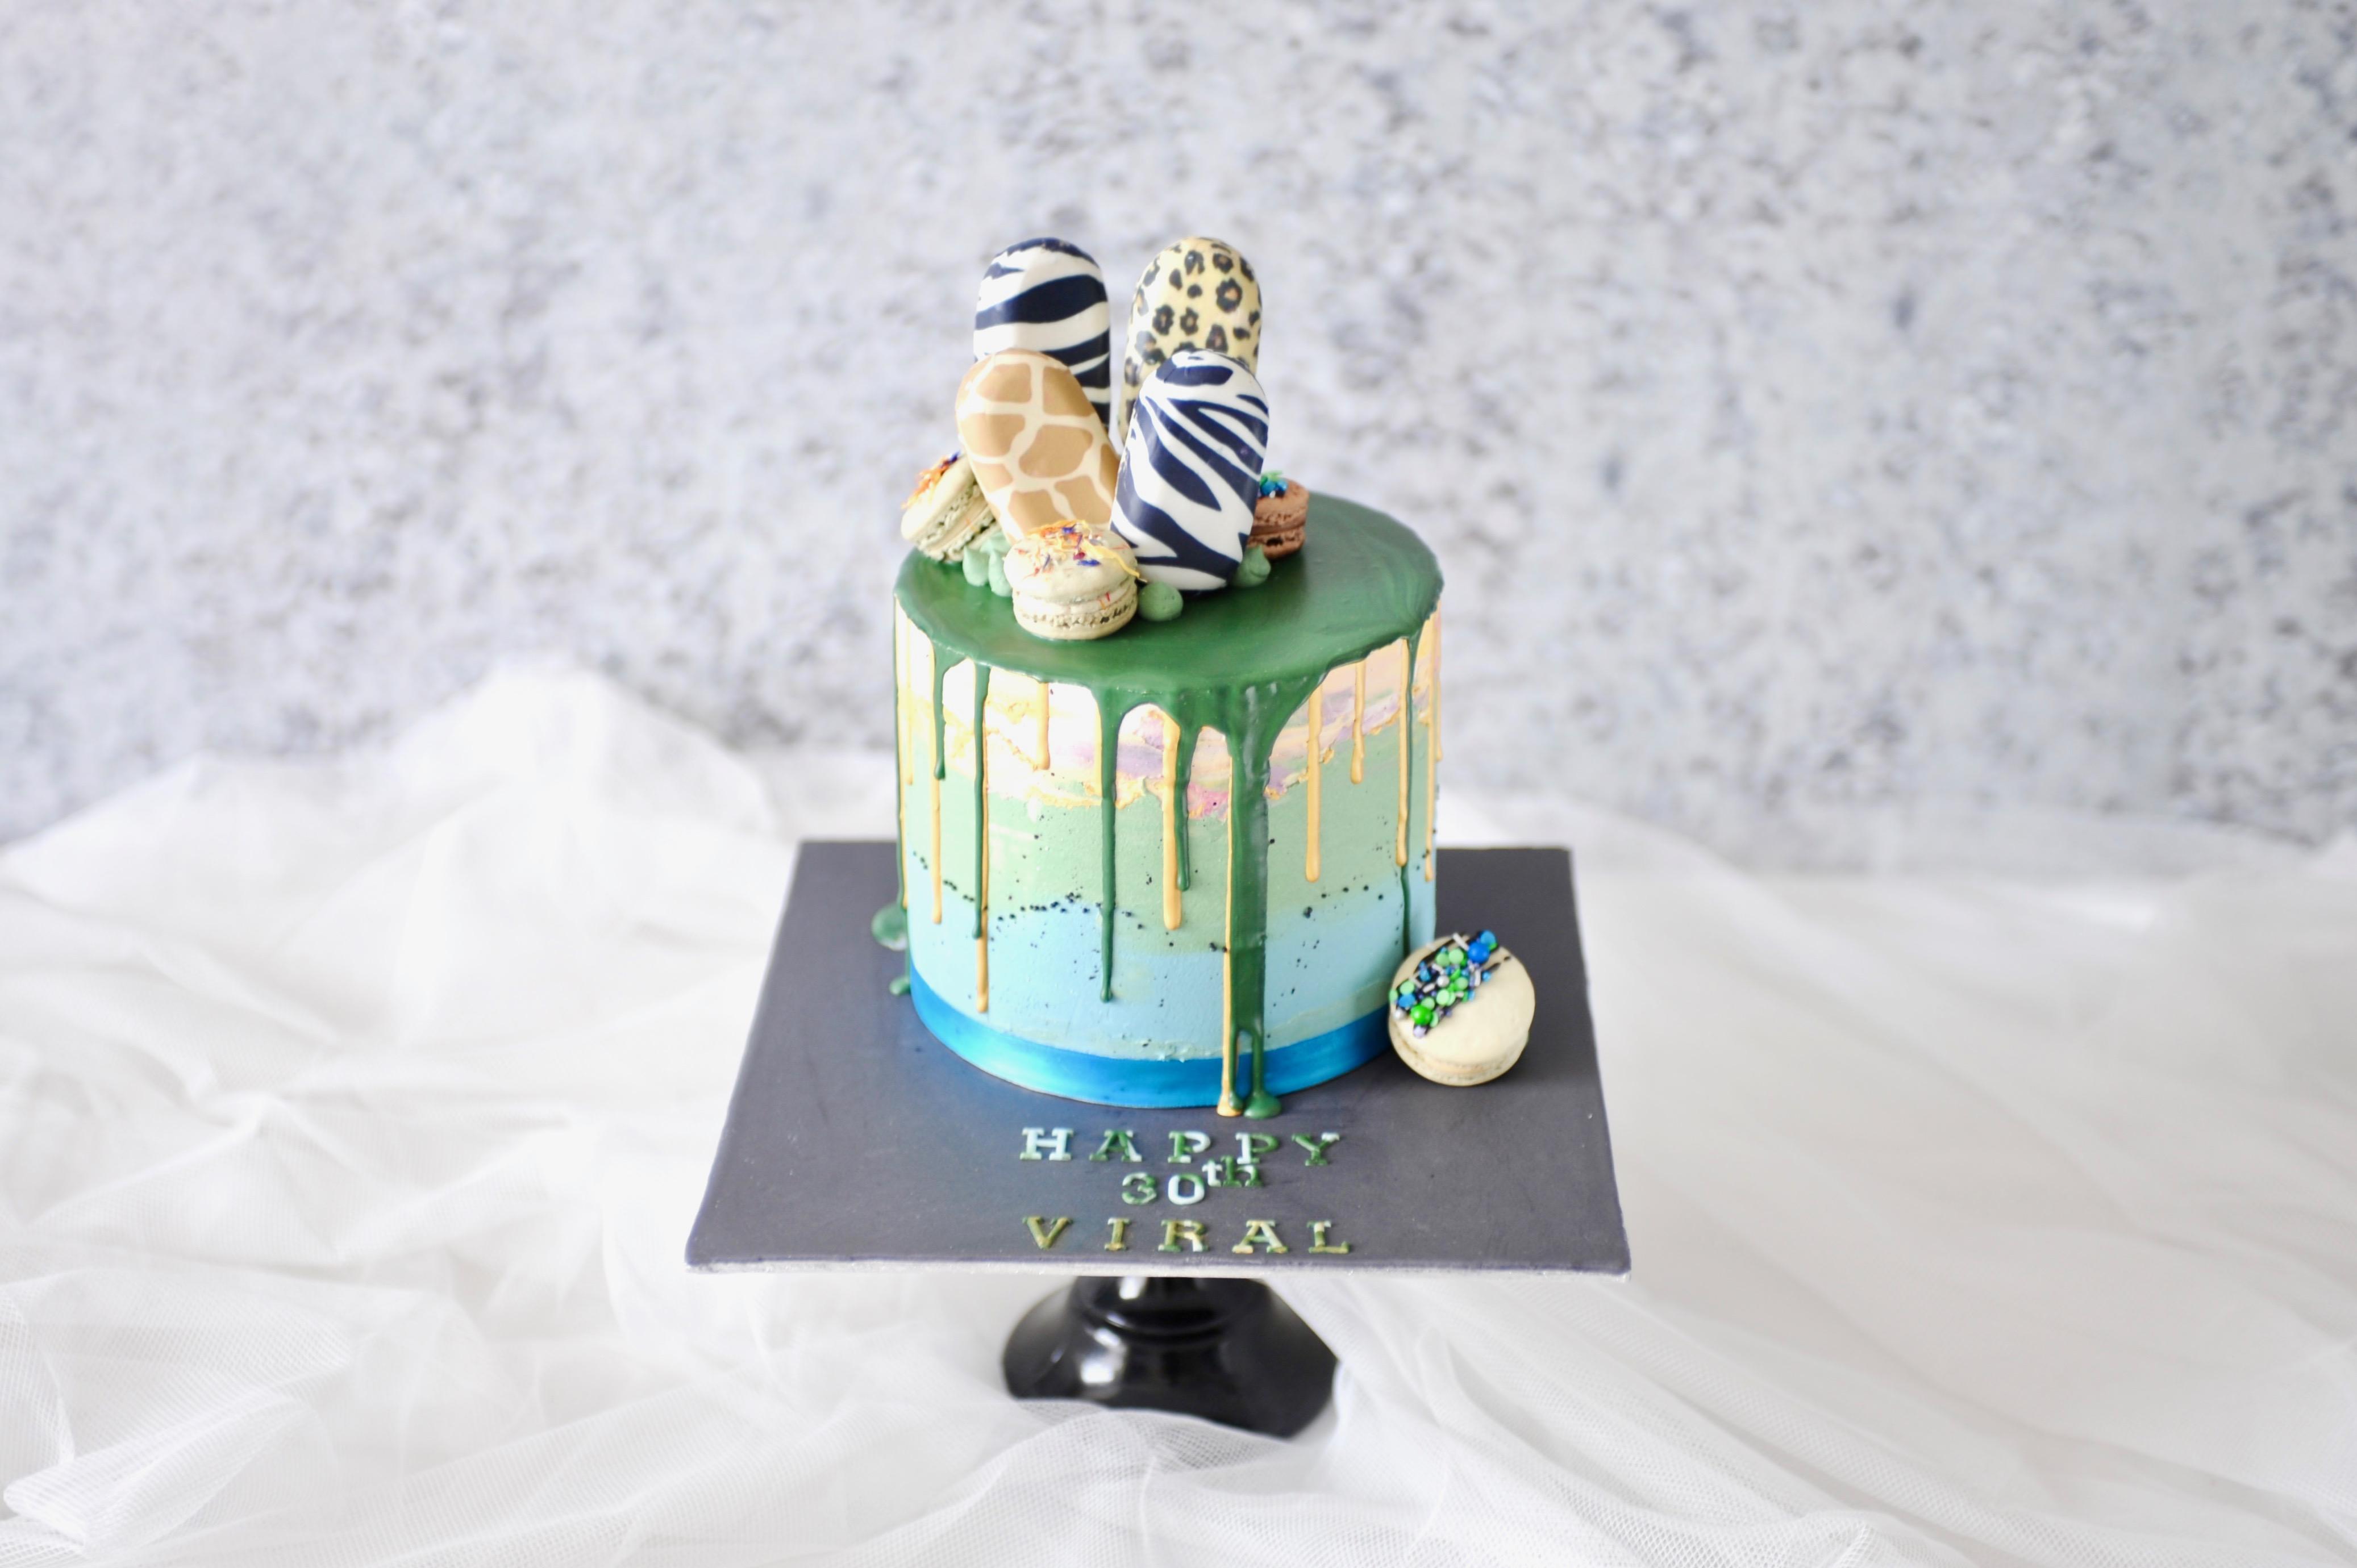 Tanzania & safari theme drip cake